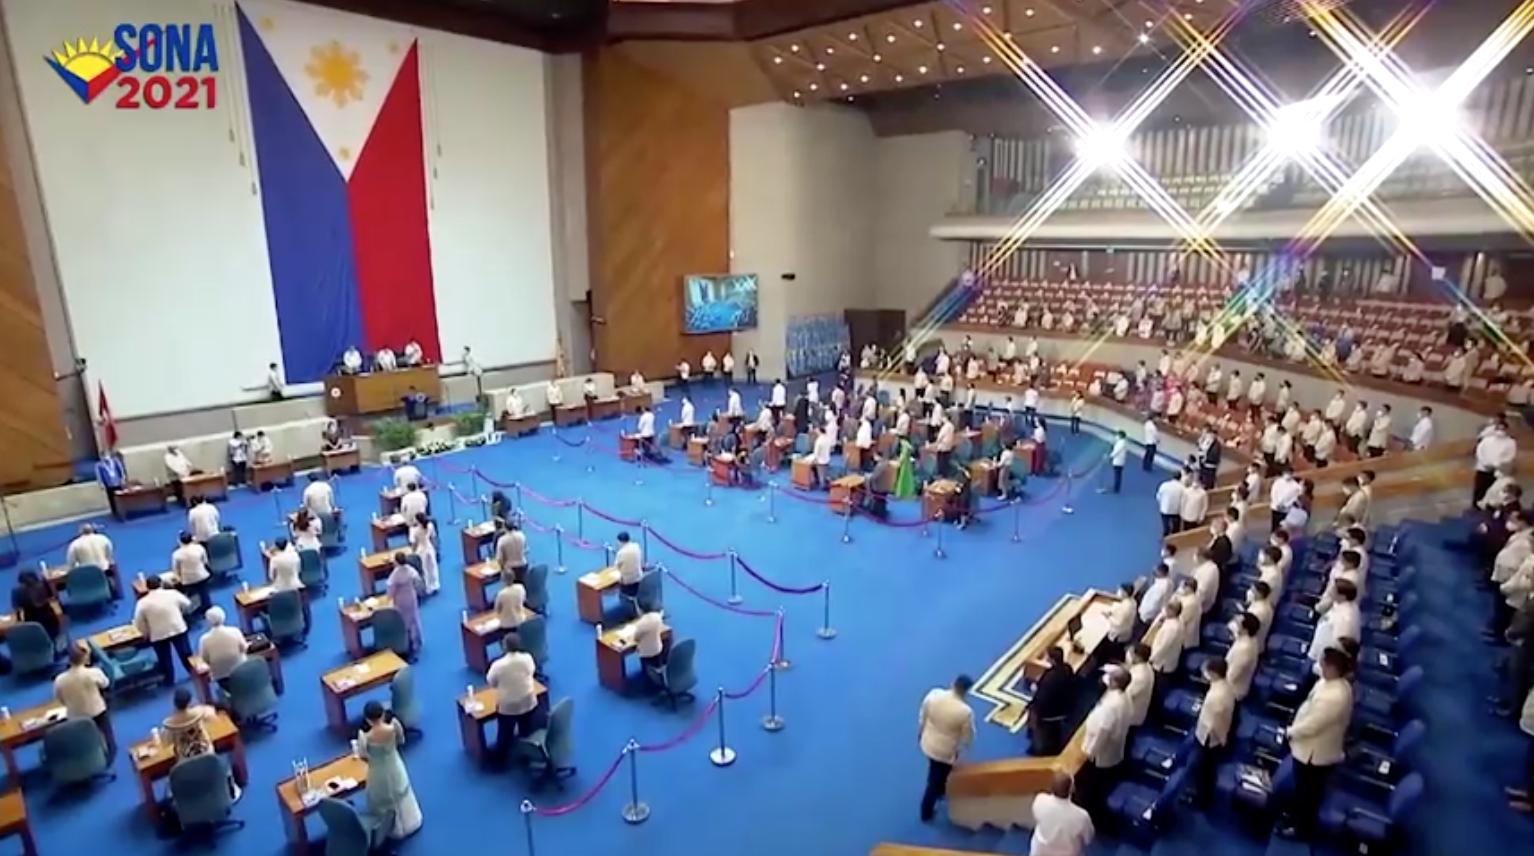 Tổng Thống Philippines đọc diễn văn tình trạng quốc gia cuối cùng trước khi hết nhiệm kỳ